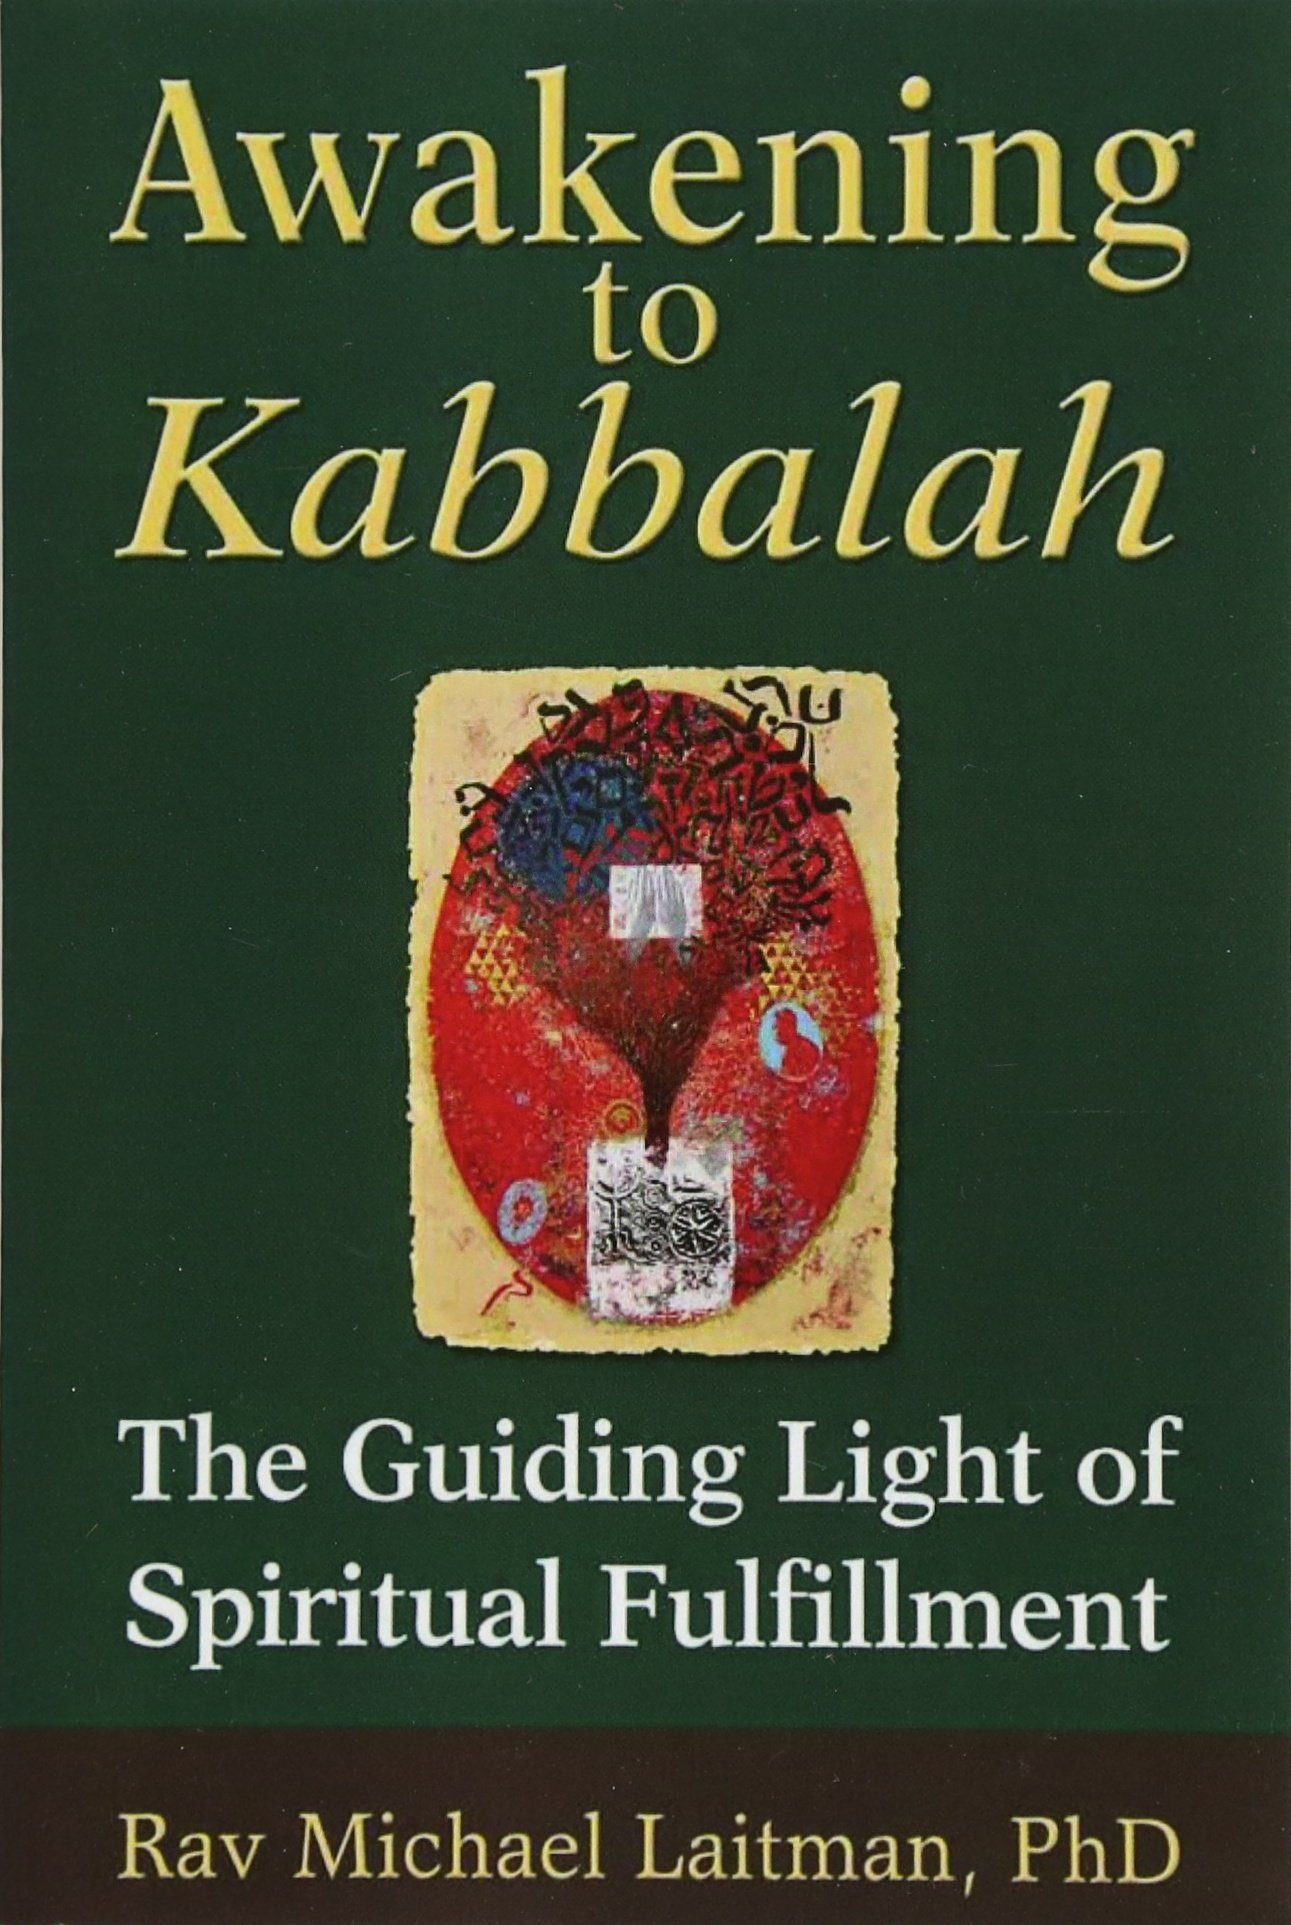 Awakening to Kabbalah: The Guiding Light of Spiritual Fulfillment